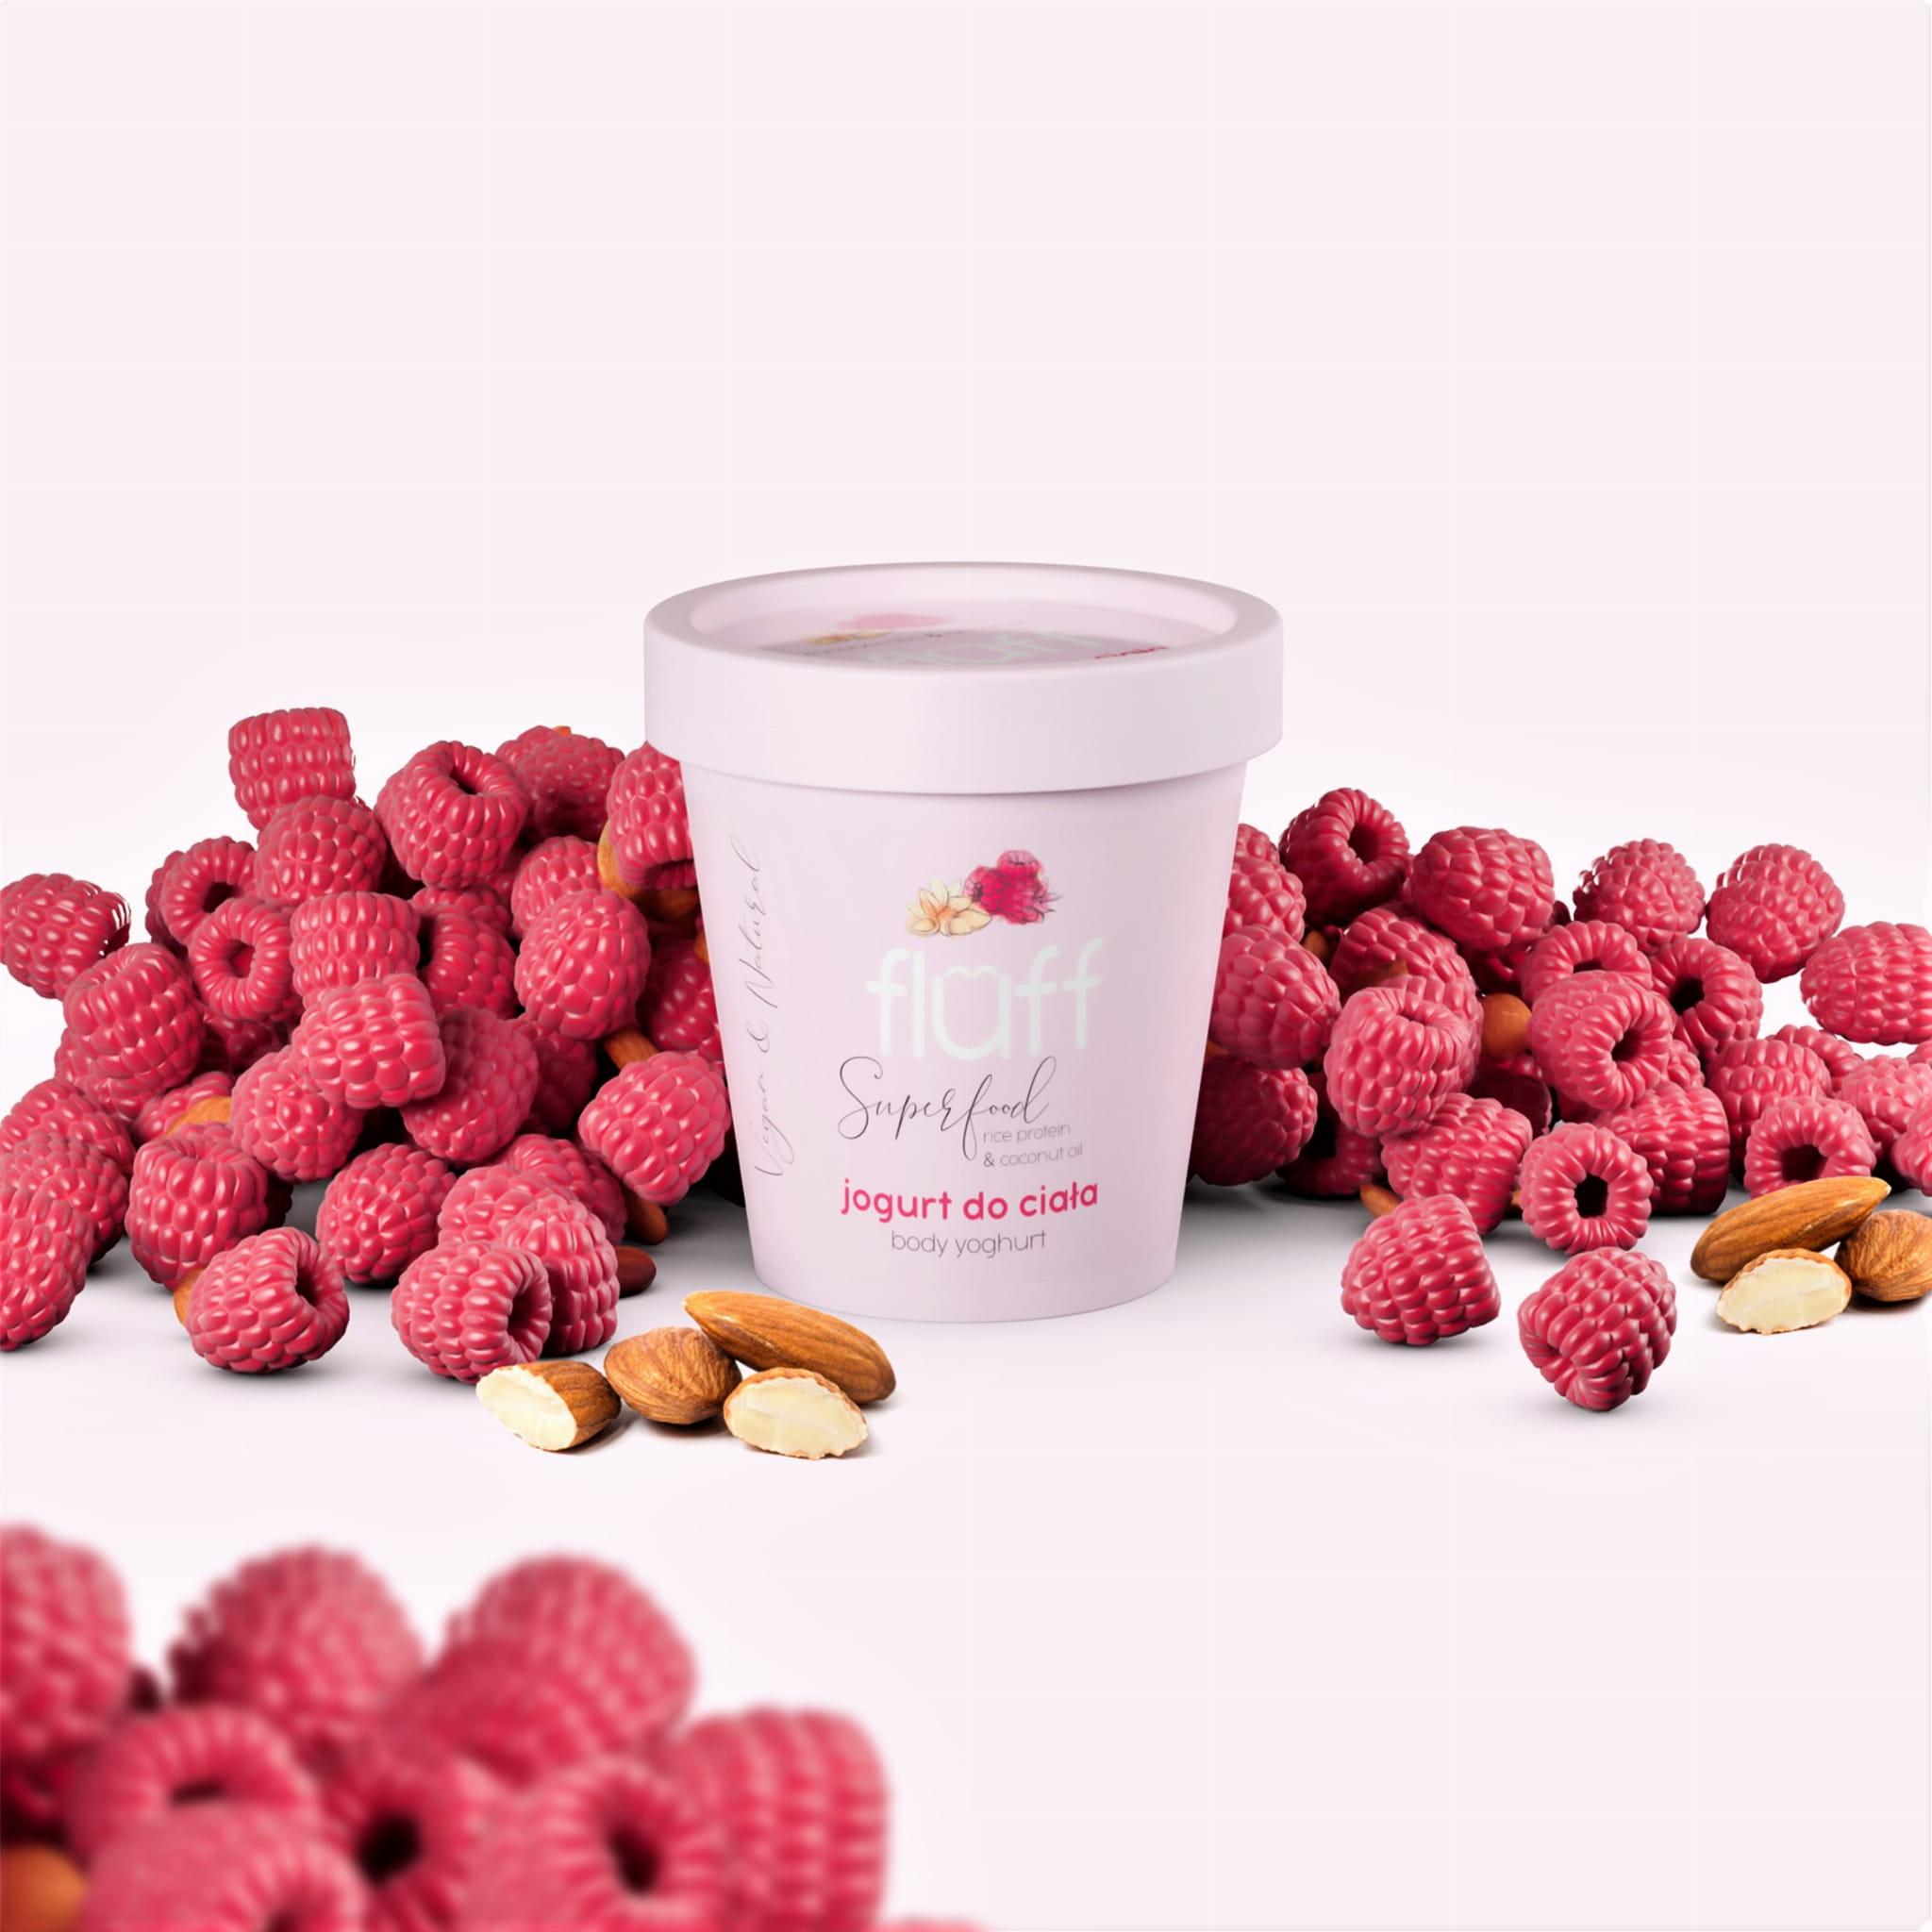 Balsam - jogurt do ciała - maliny z migdałami